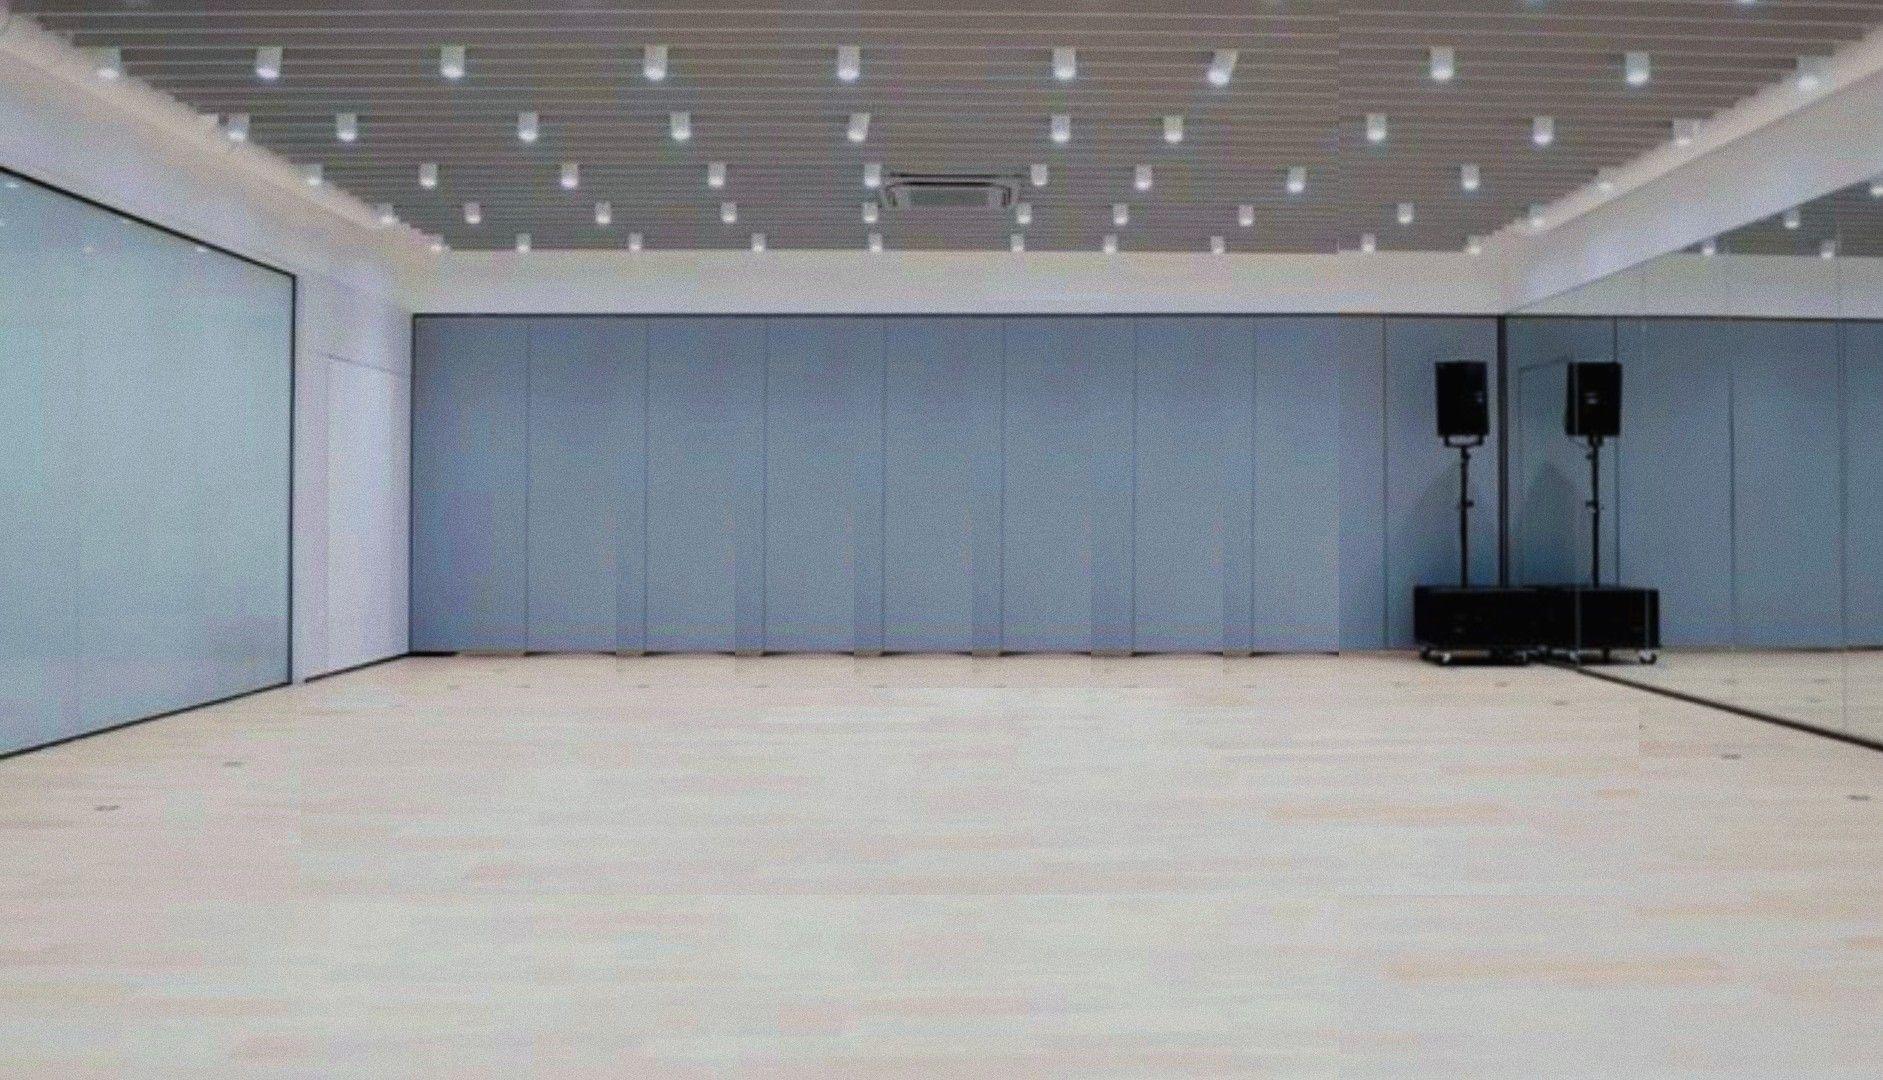 Nct Dance Practice Room Gambar Latar Belakang Foto Rumah Ide Dekorasi Rumah Background bts untuk zoom